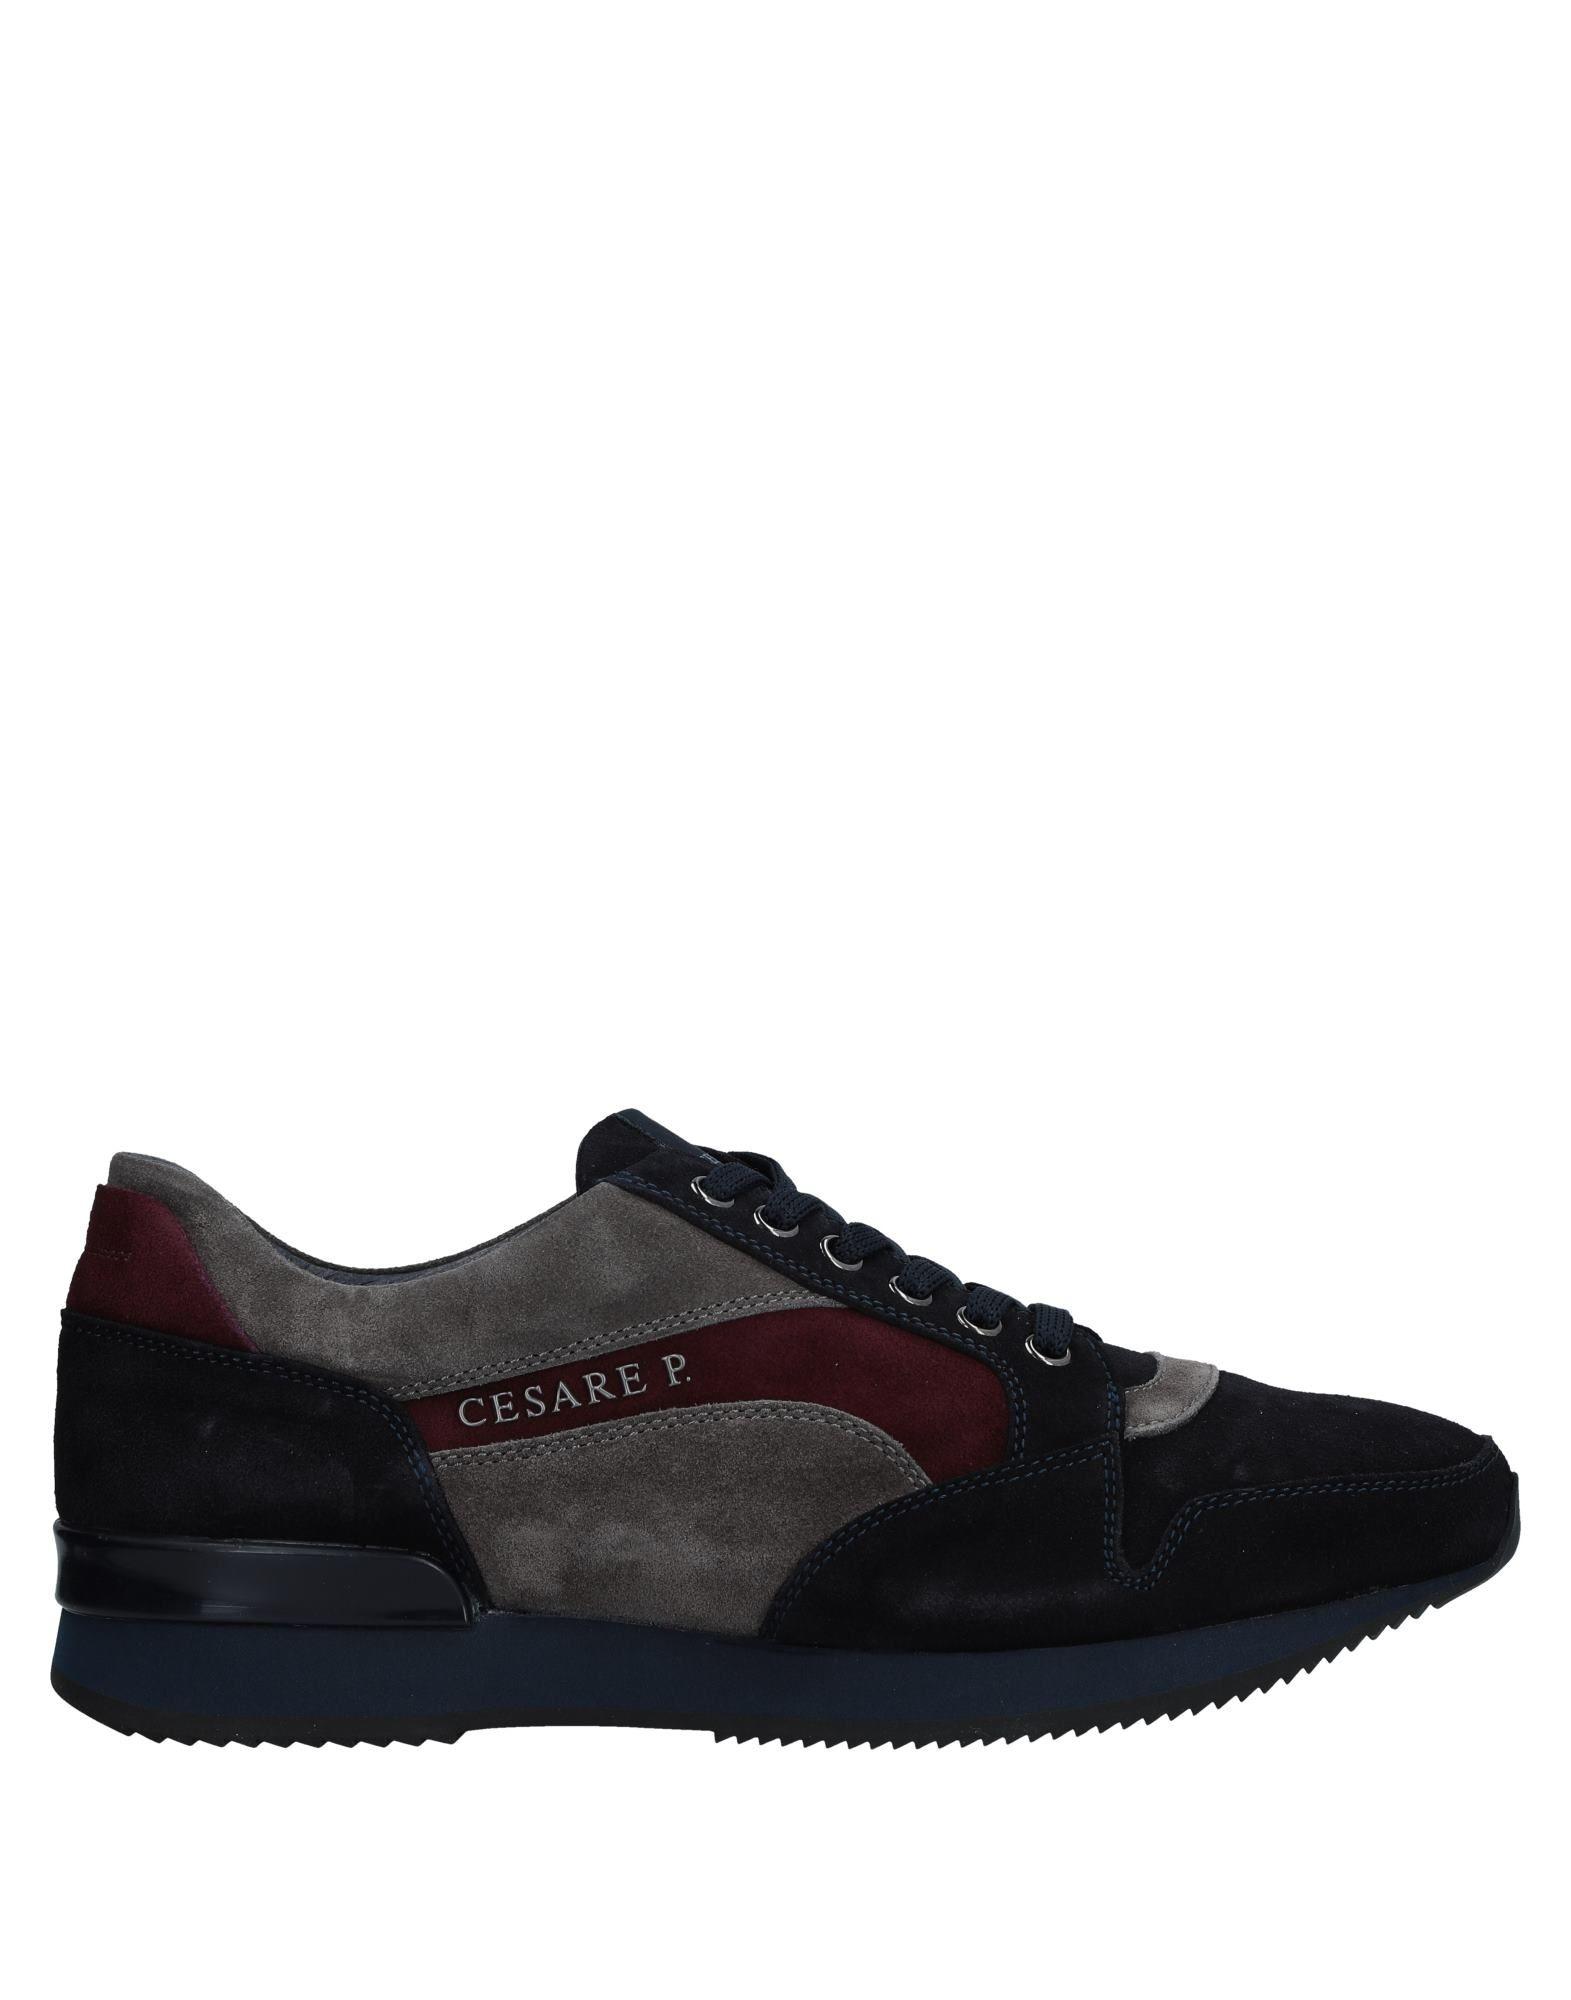 Sneakers Cesare P. Uomo - 11534402DG